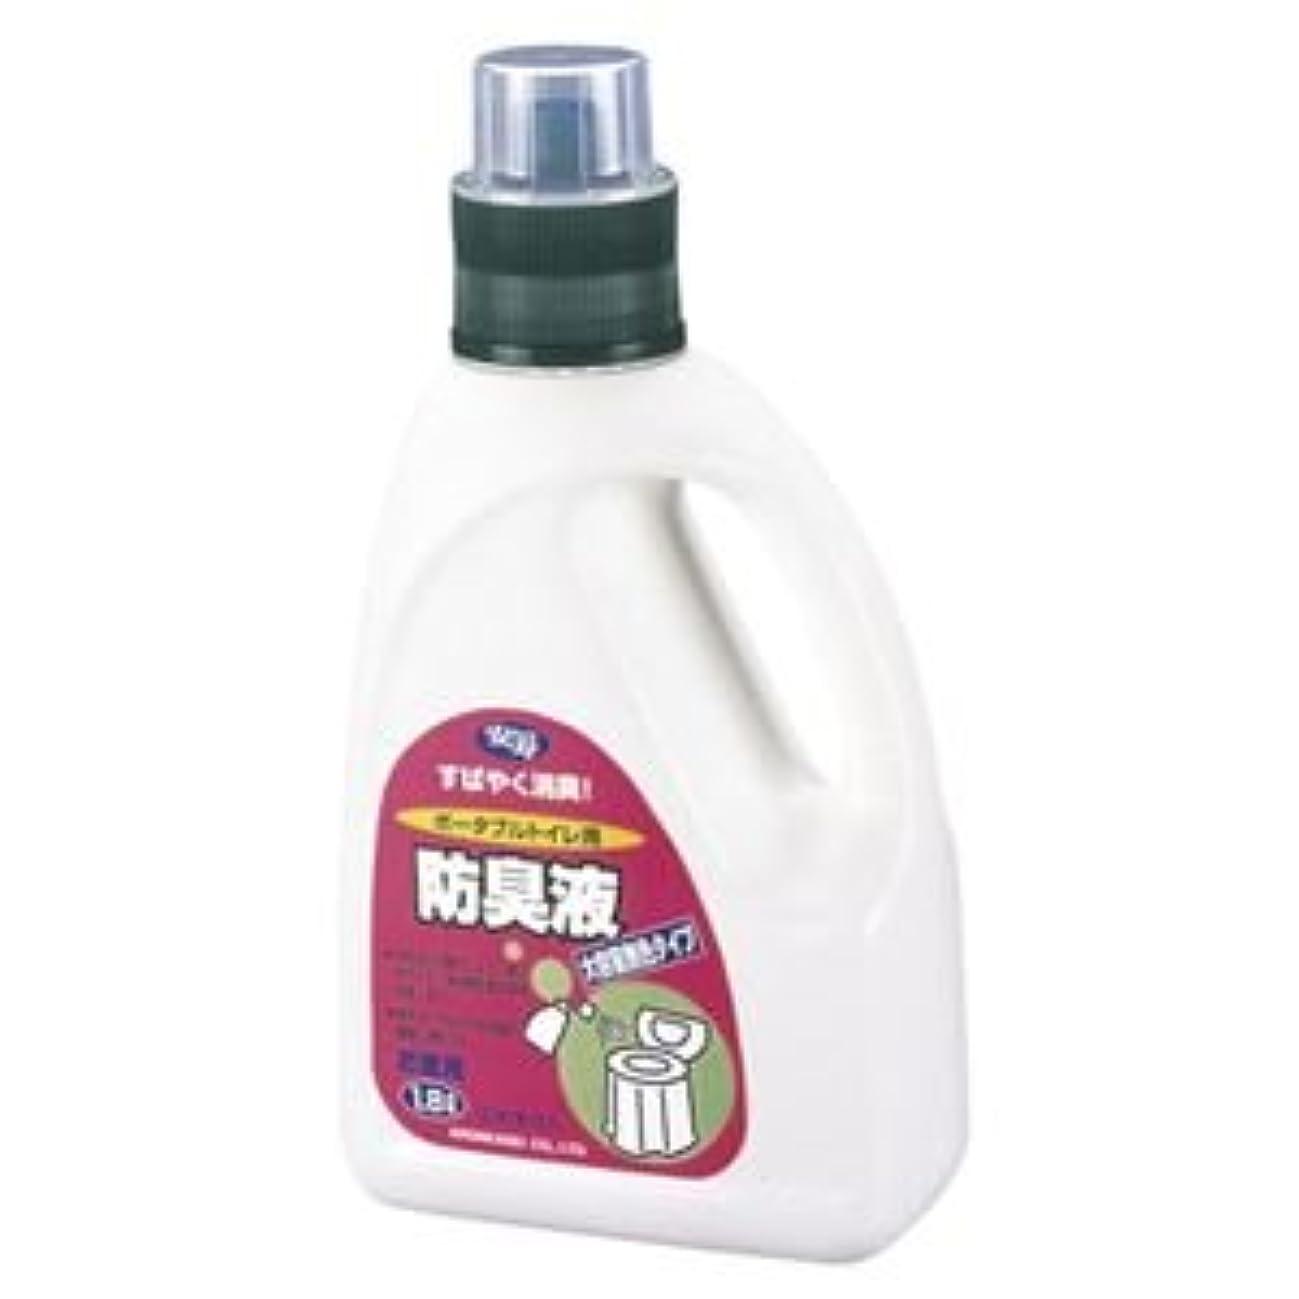 差別レッドデートデモンストレーションアロン化成 ポータブルトイレ用防臭液 大容量無色 ds-1915713